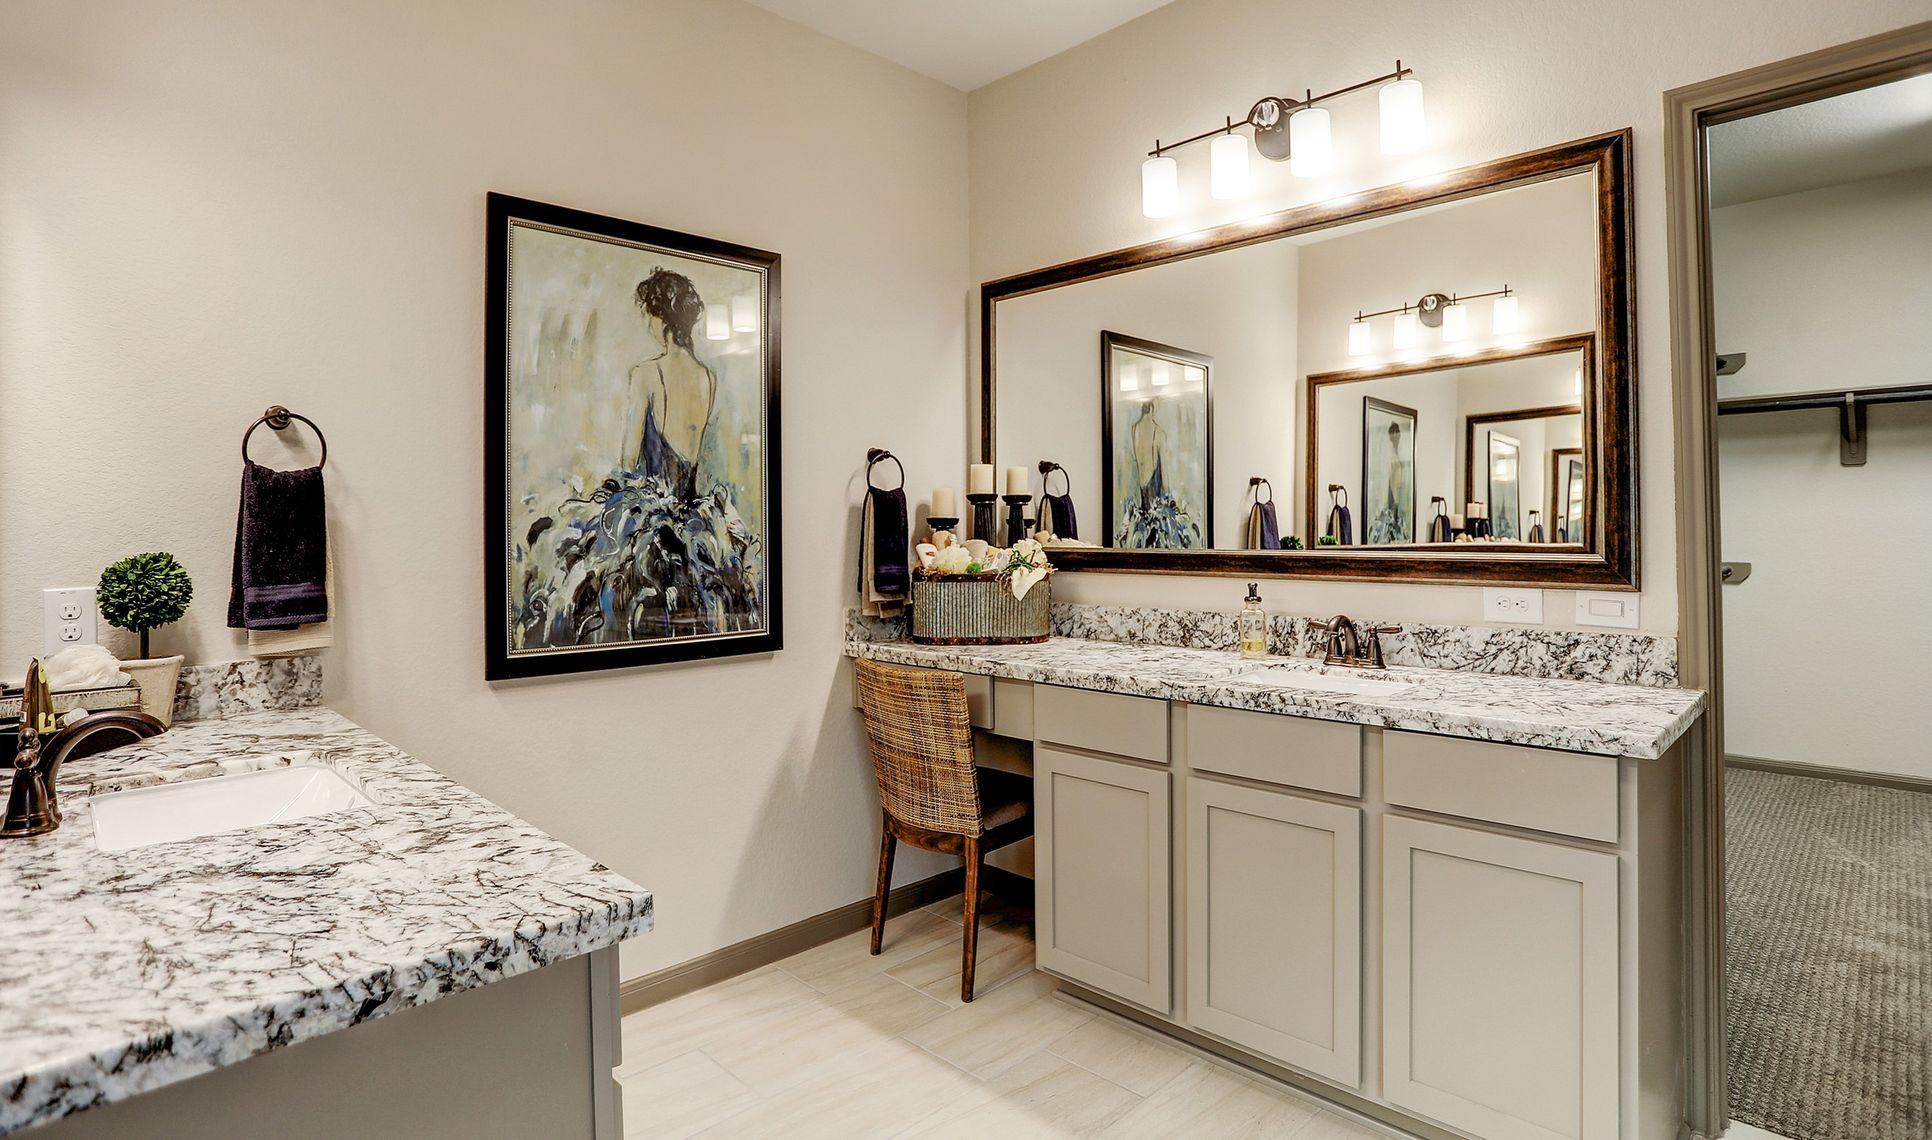 Interior:Dual vanity sinks in owner's bath